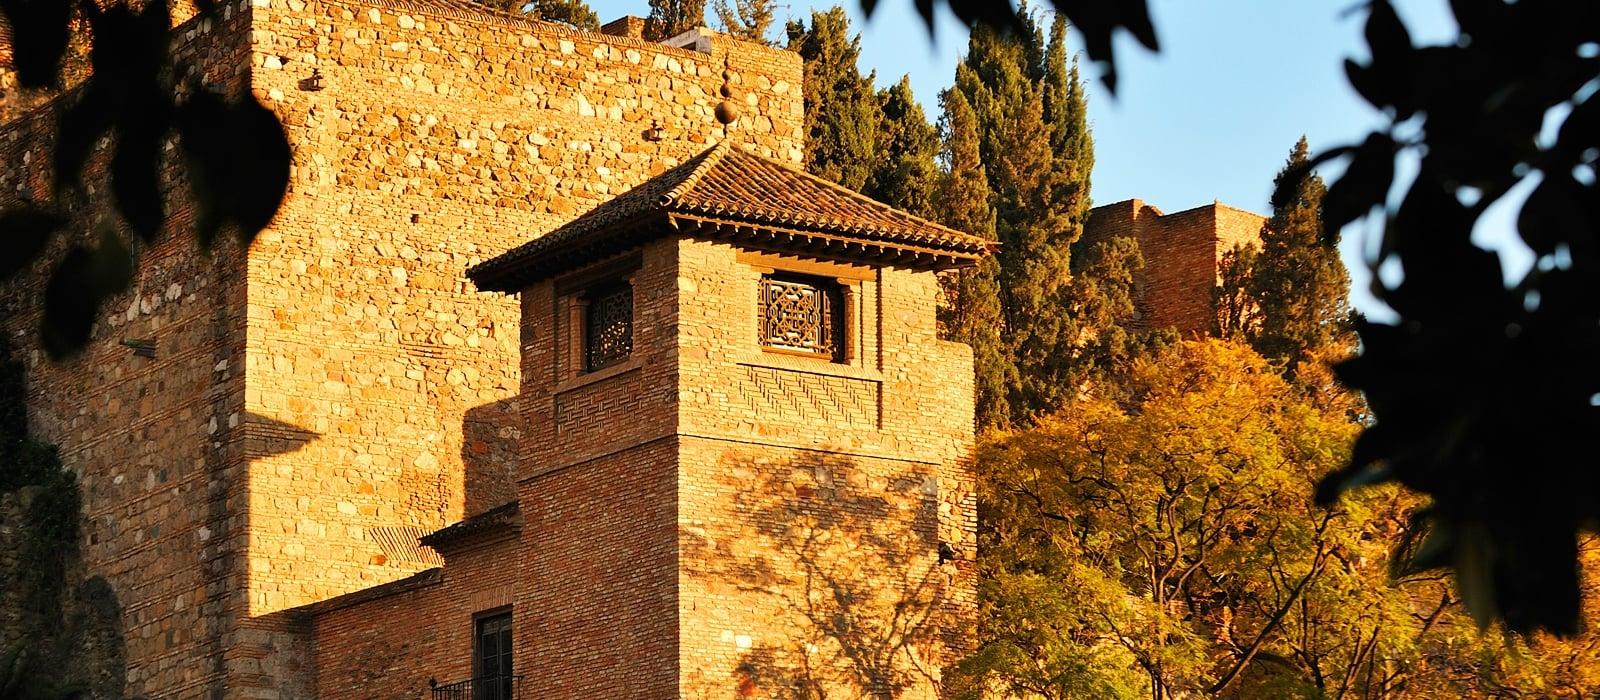 Vincci Hoteles. I migliori hotel a Malaga